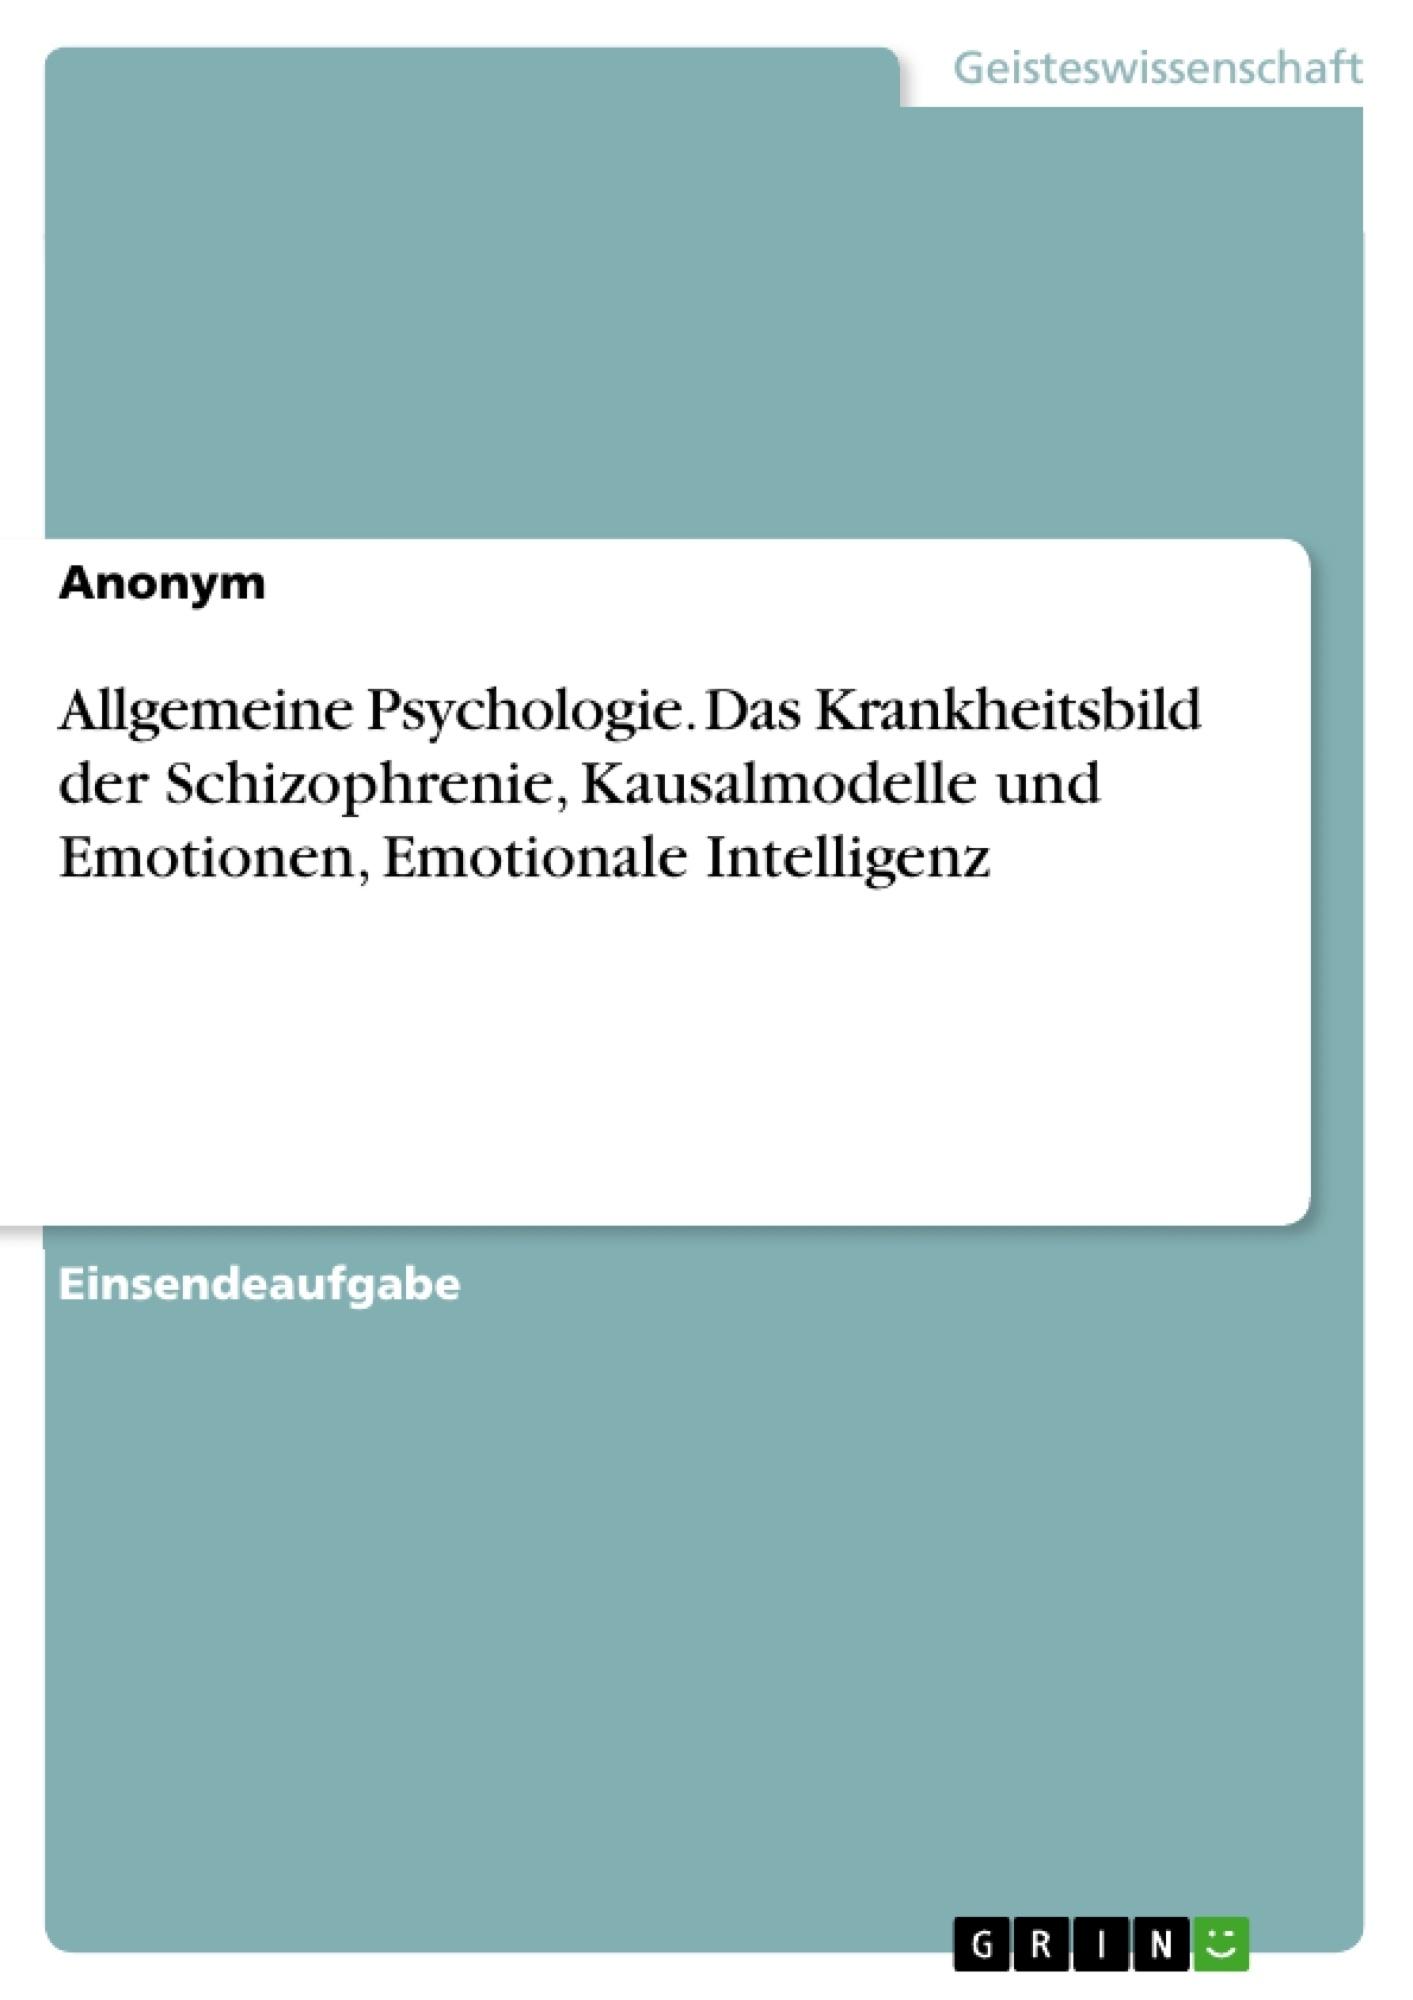 Titel: Allgemeine Psychologie. Das Krankheitsbild der Schizophrenie, Kausalmodelle und Emotionen, Emotionale Intelligenz